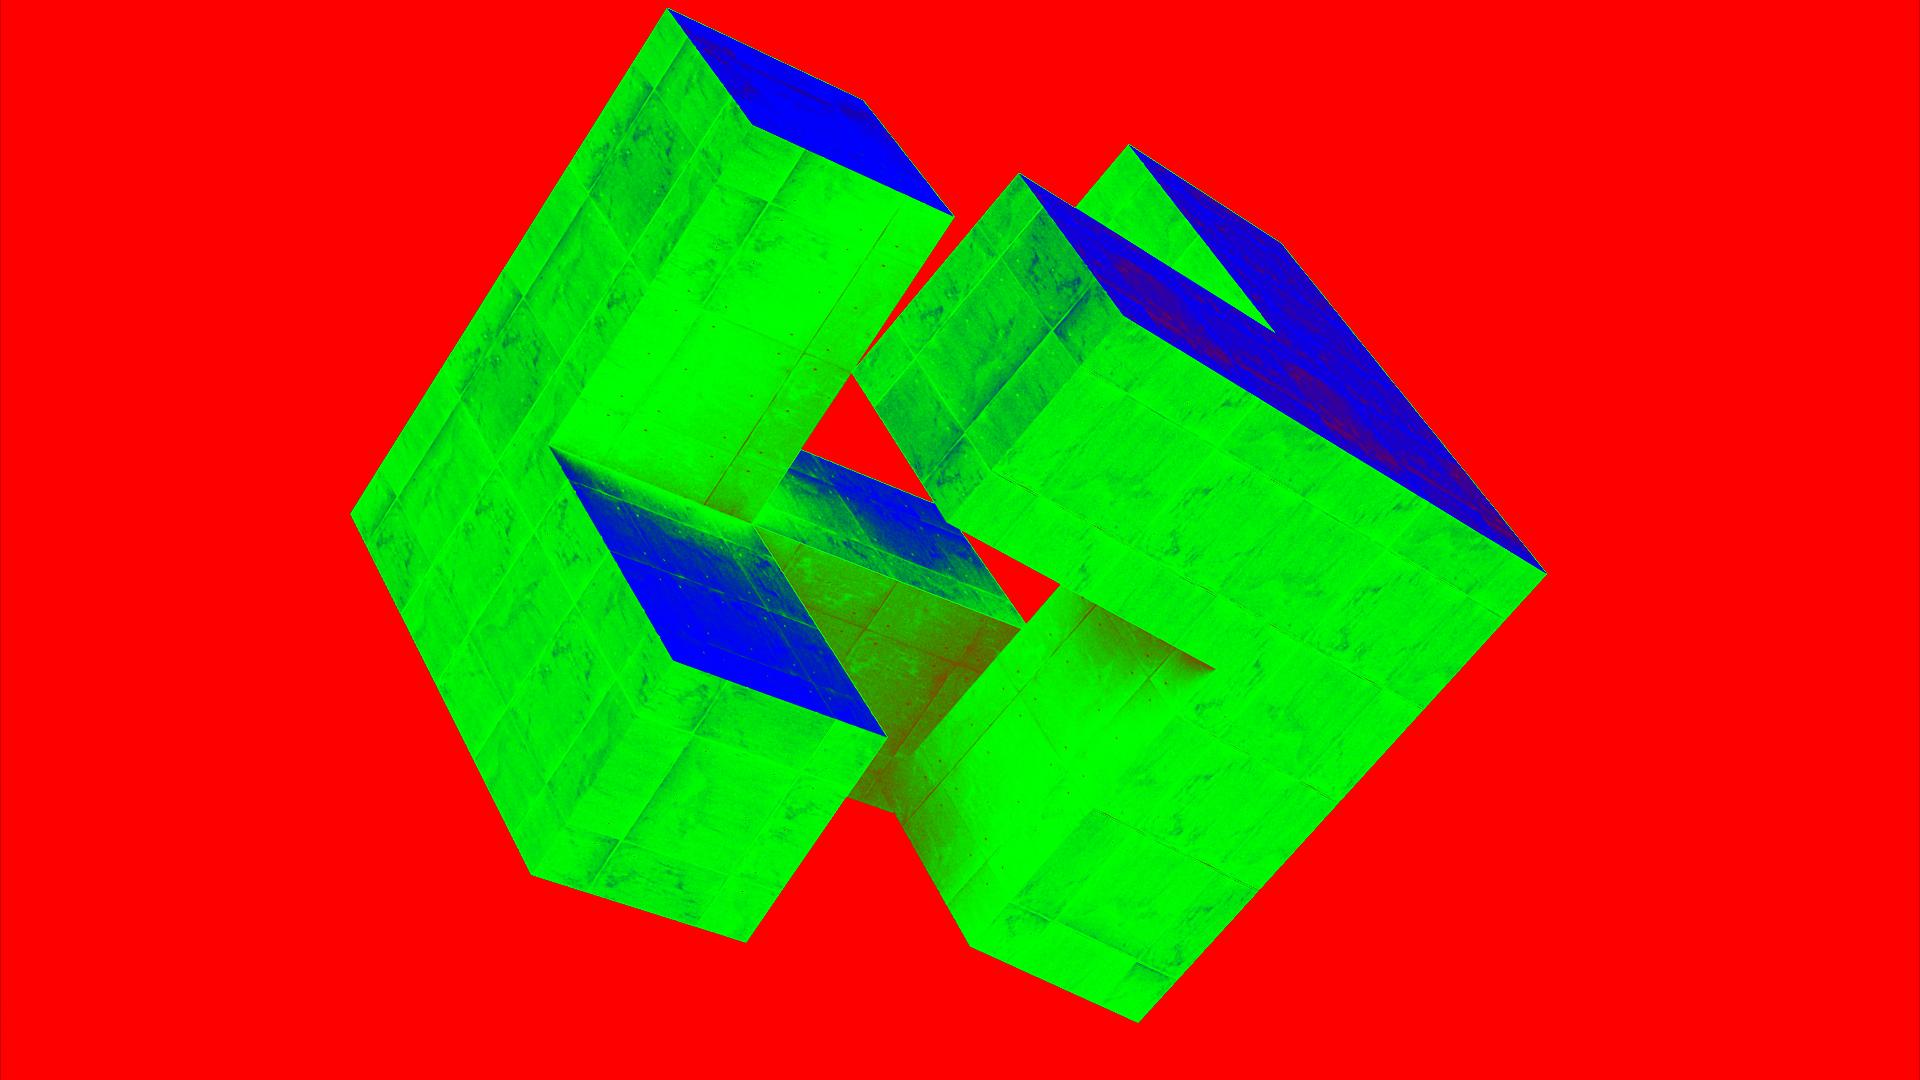 200706-MatrixCube-16x9_00166